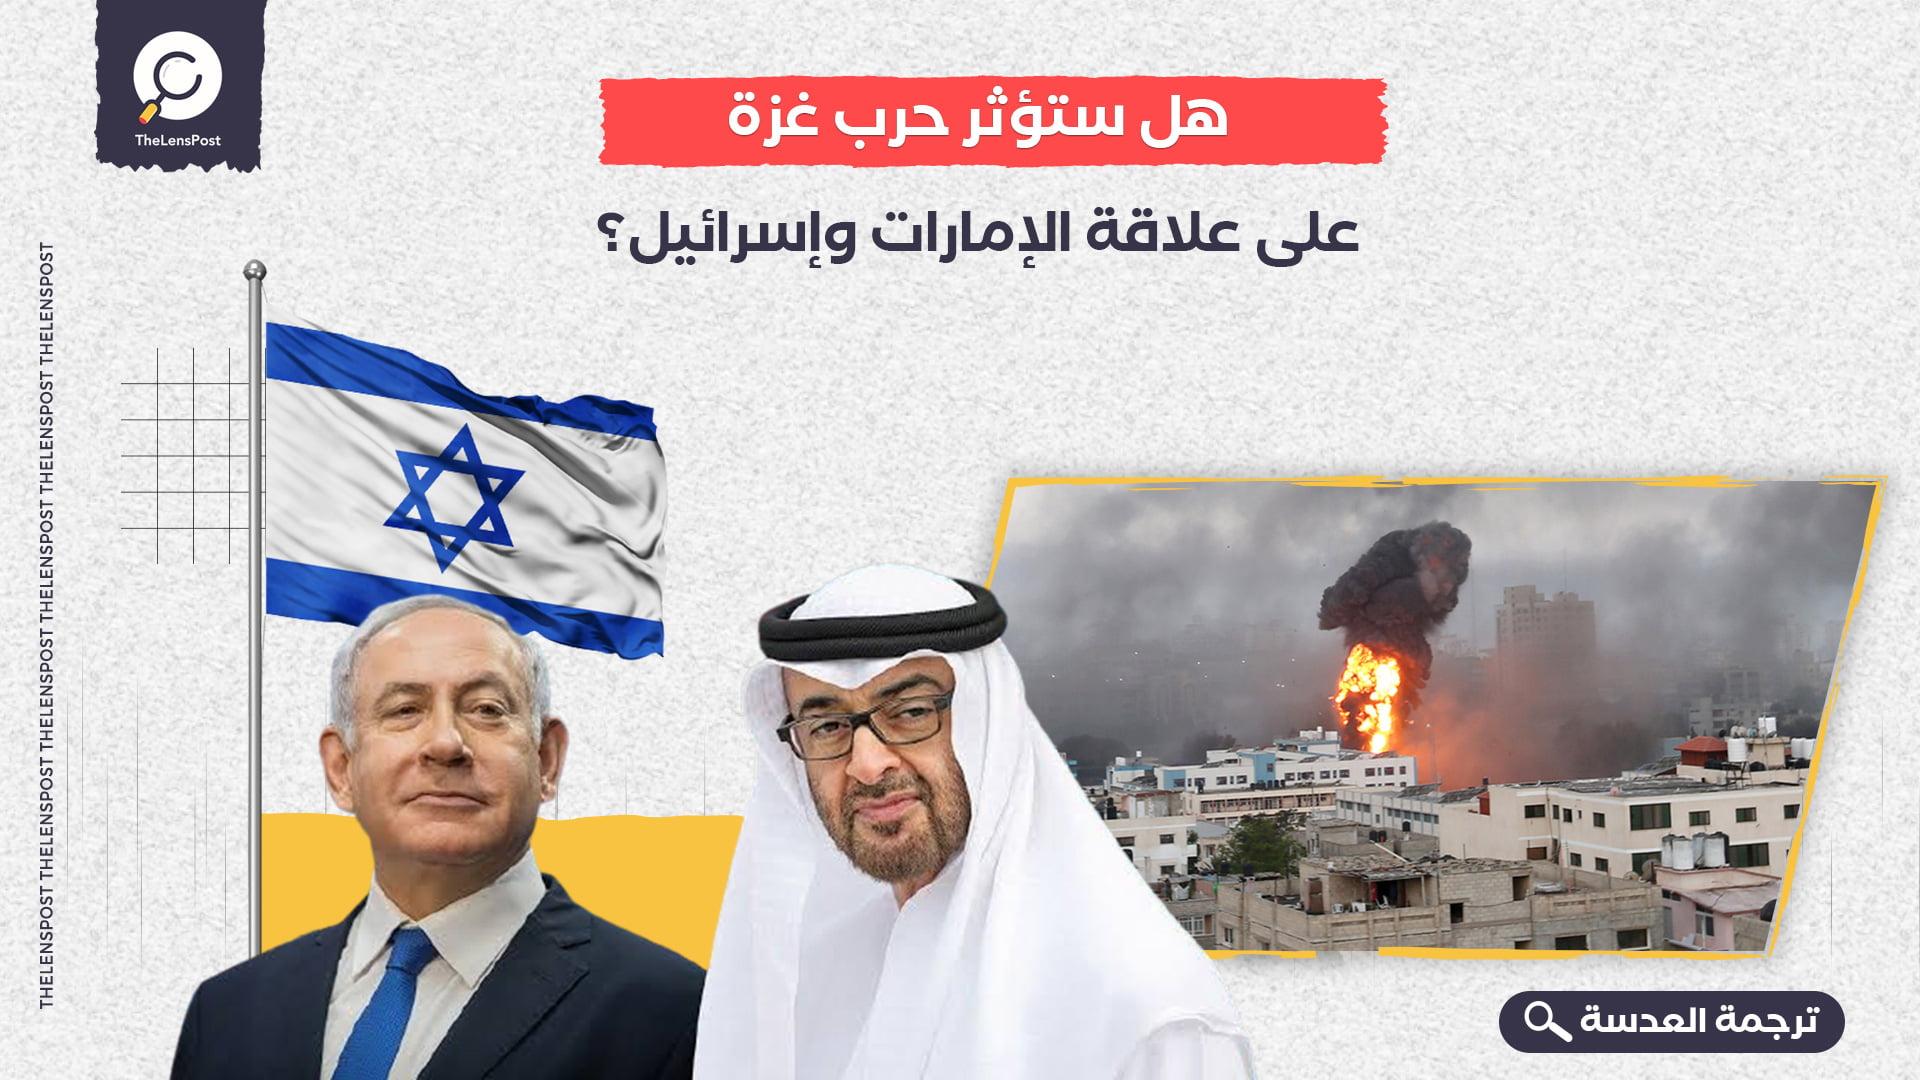 هل ستؤثر حرب غزة على علاقة الإمارات وإسرائيل؟